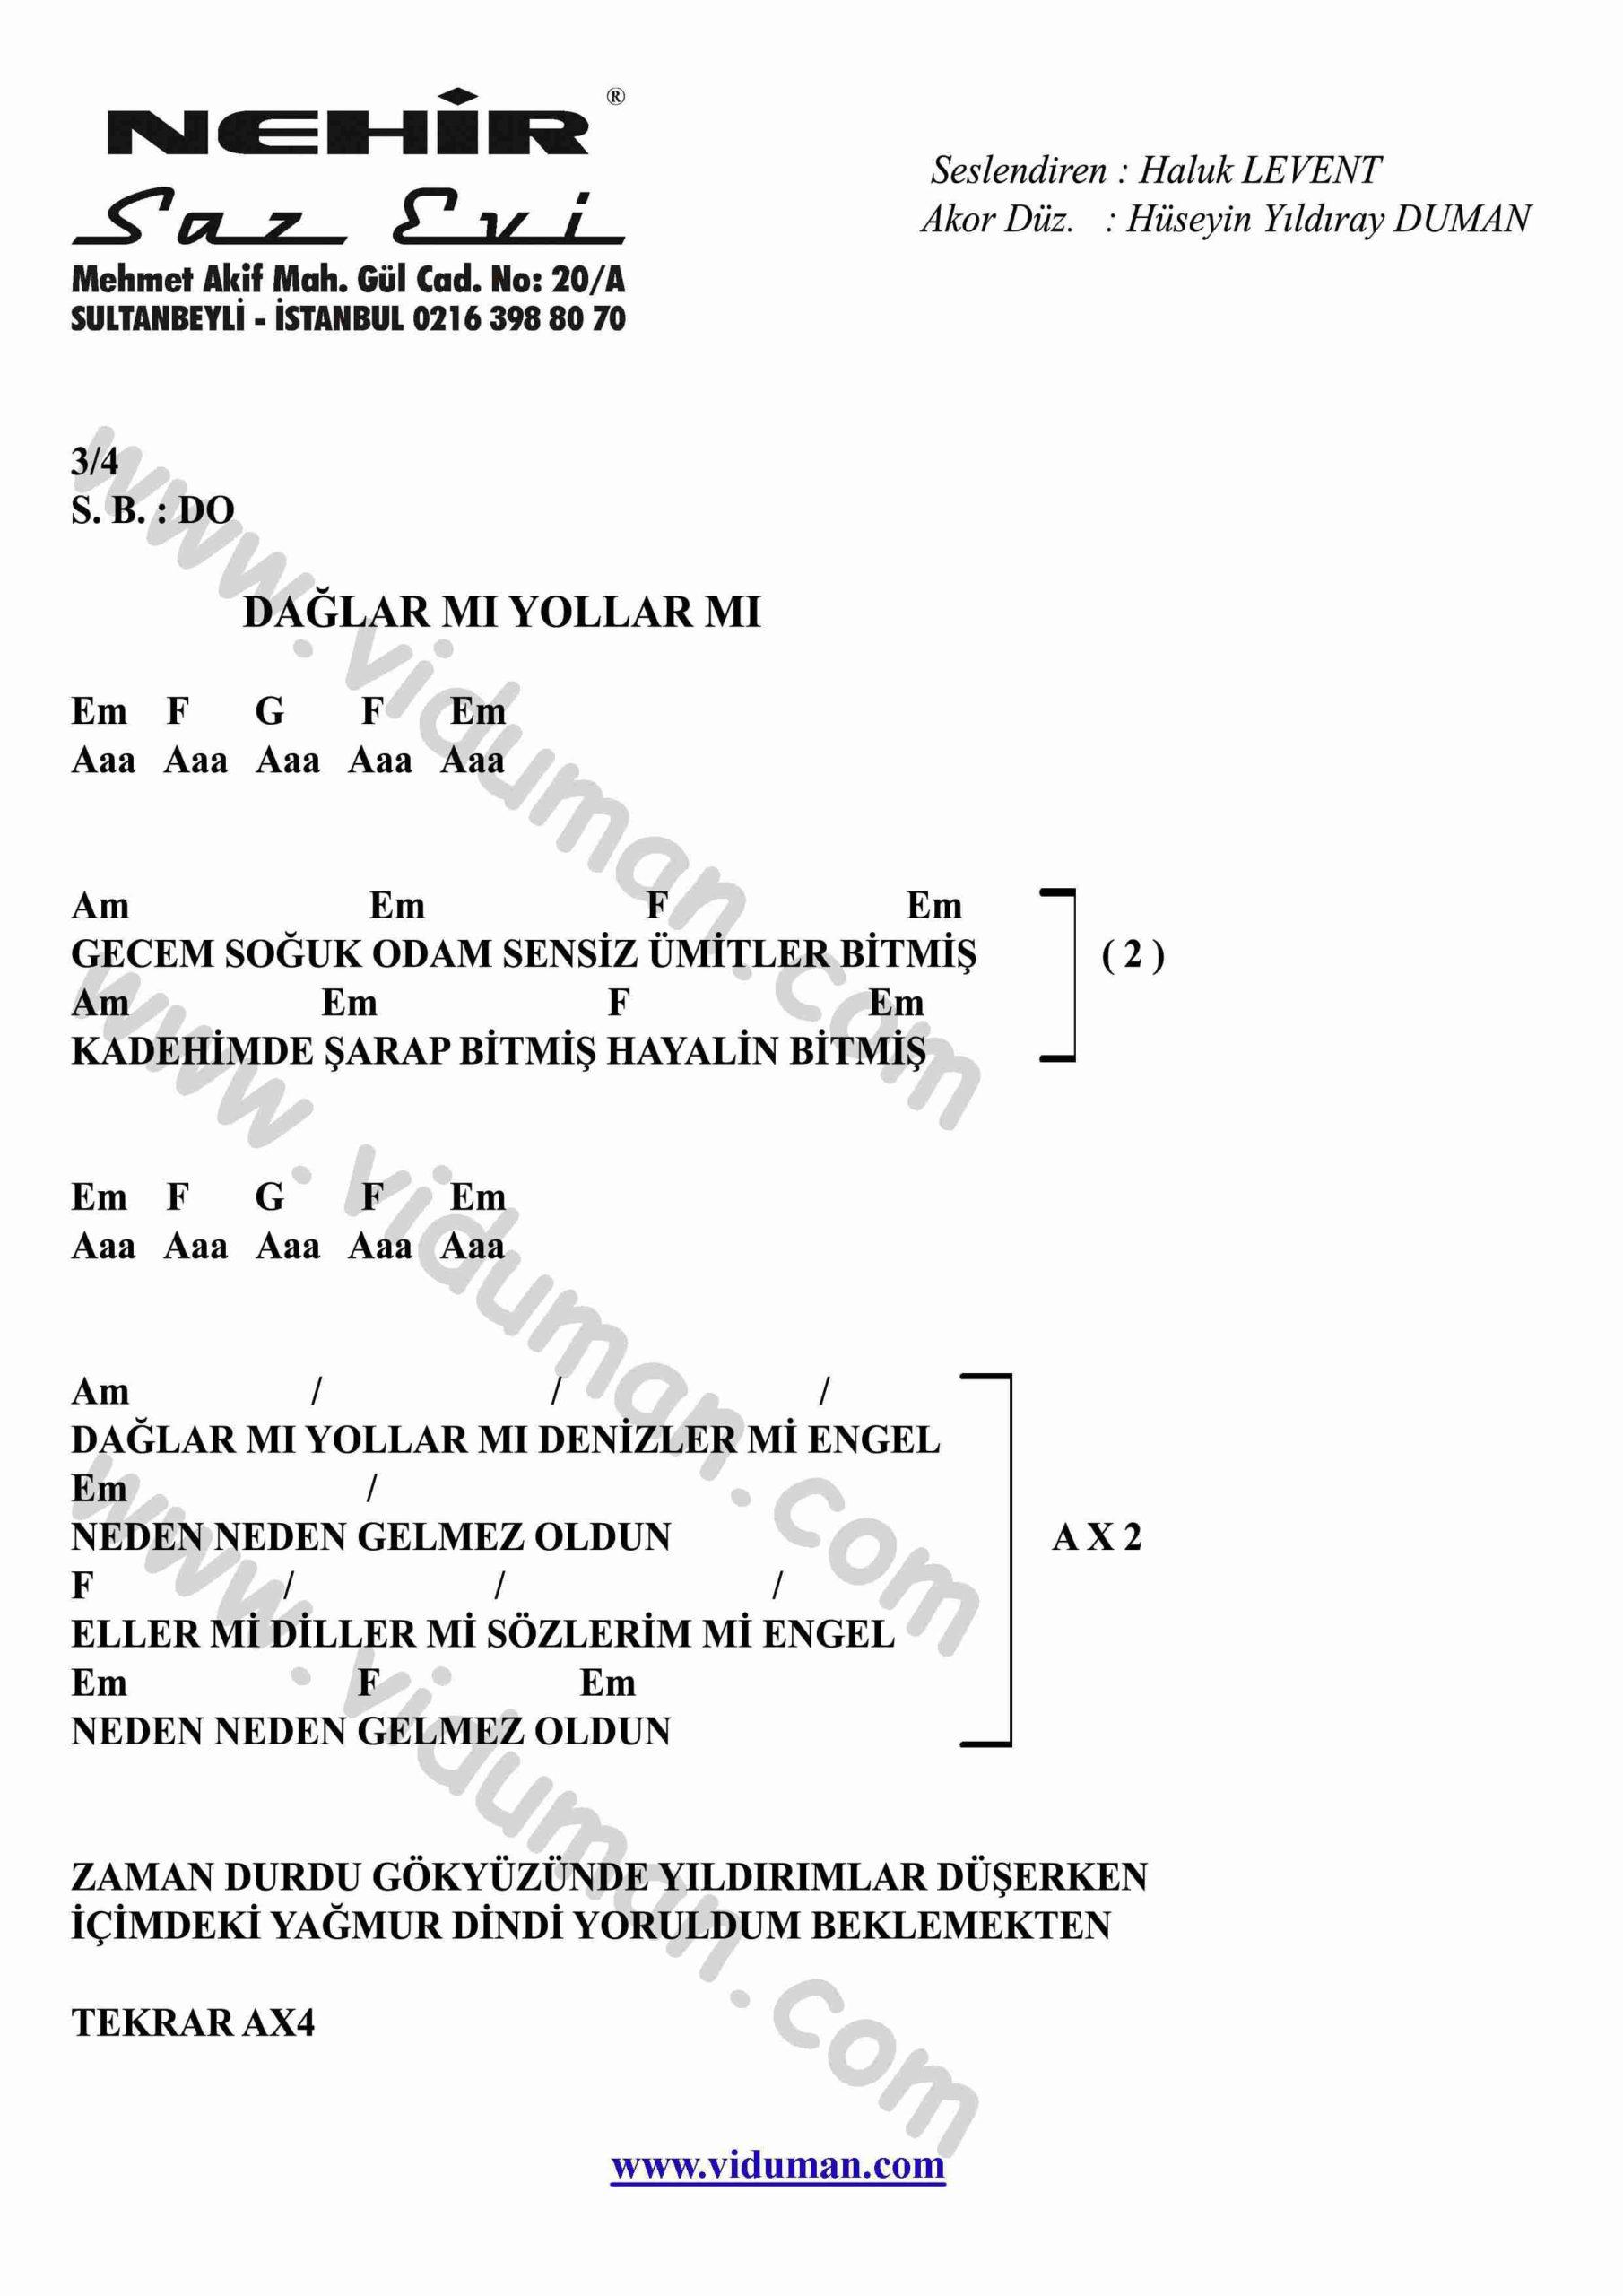 Daglar Mi Yollar Mi-Gitar-Ritim-Akorlari